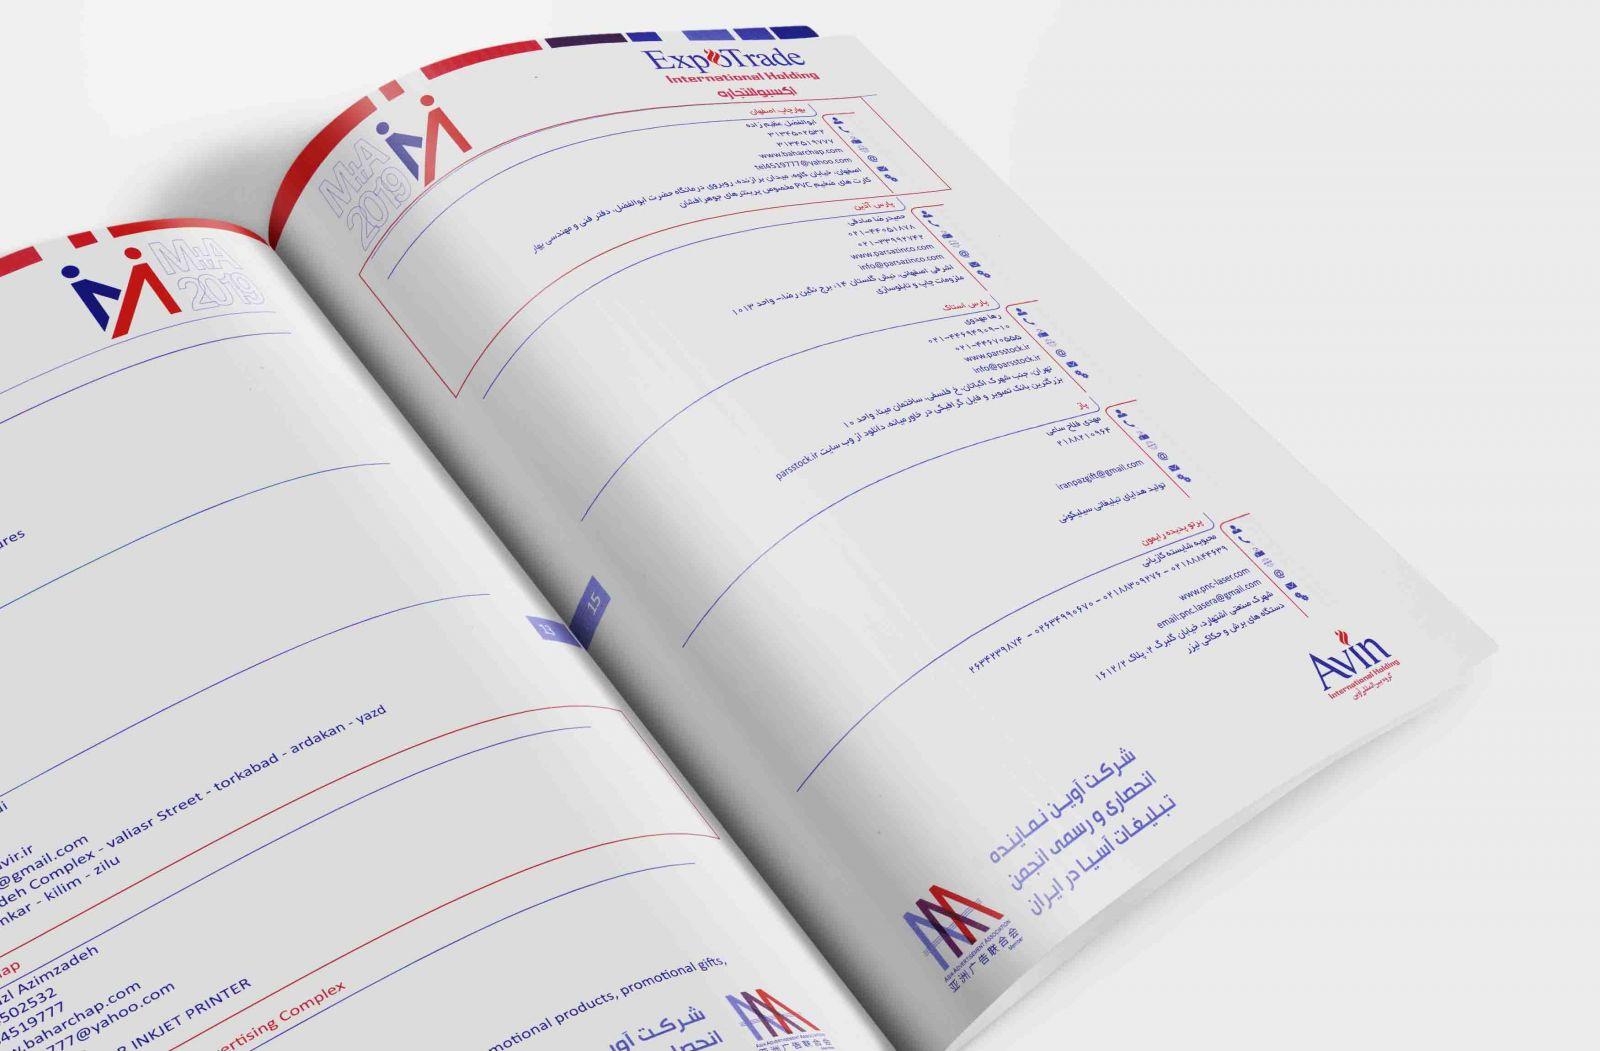 درج نام بهارچاپ در کتاب نمایشگاه بین المللی تبلیغات ، بازاریابی و صنایع وابسته تهران